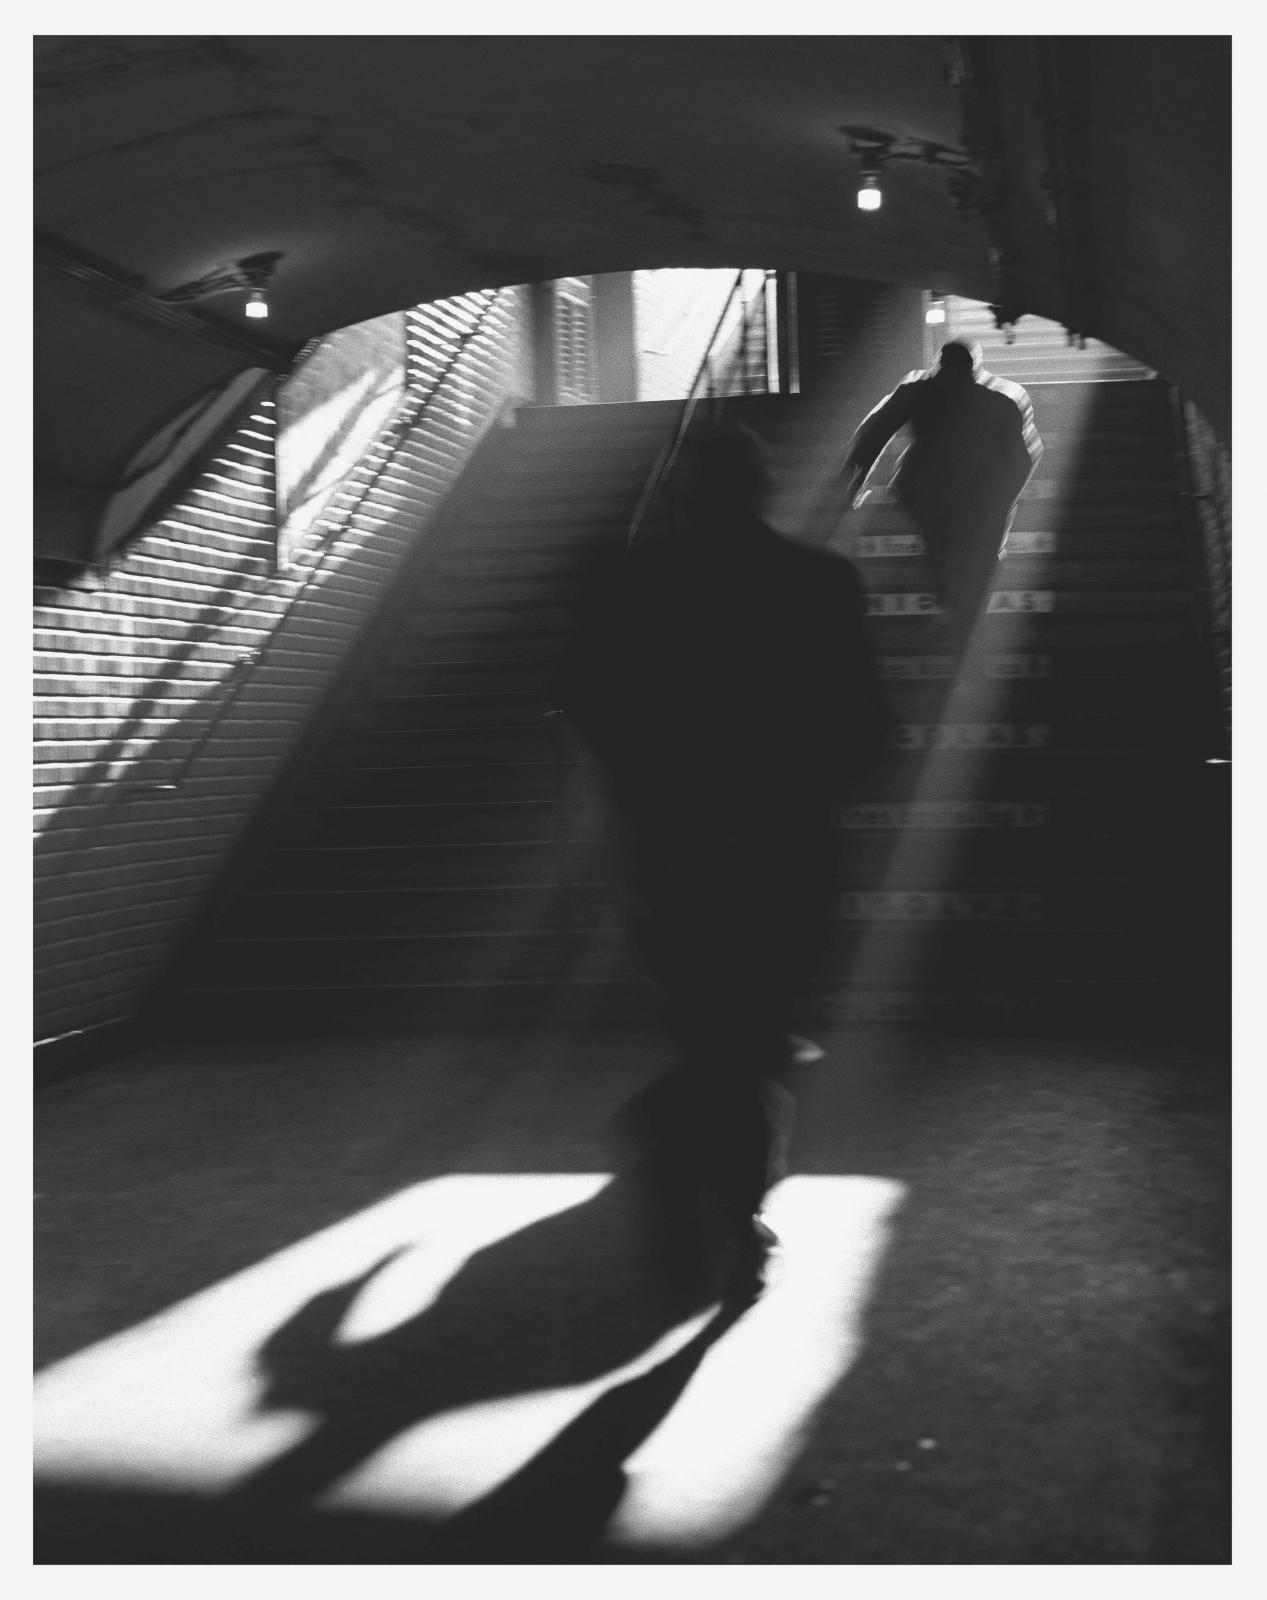 Sorte de métro, 1955.